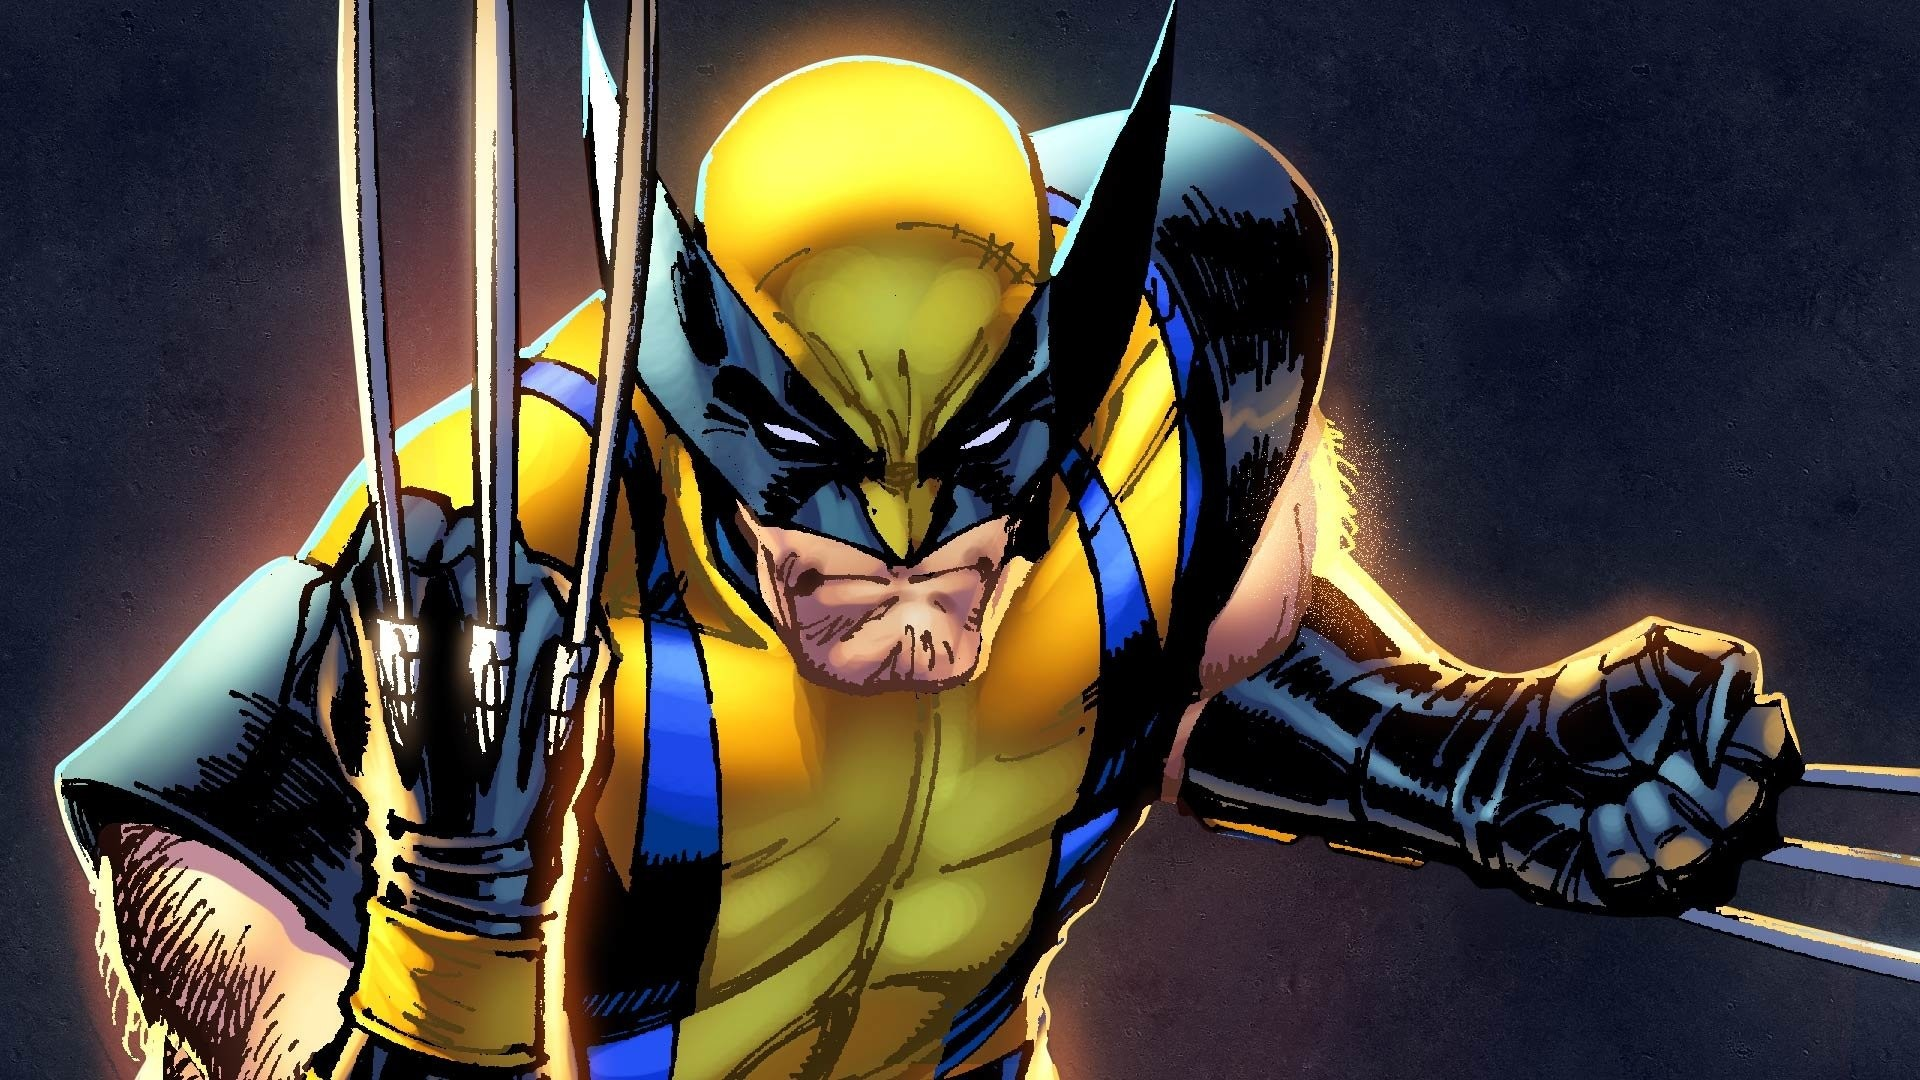 Res: 1920x1080, Comics - Wolverine Wallpaper